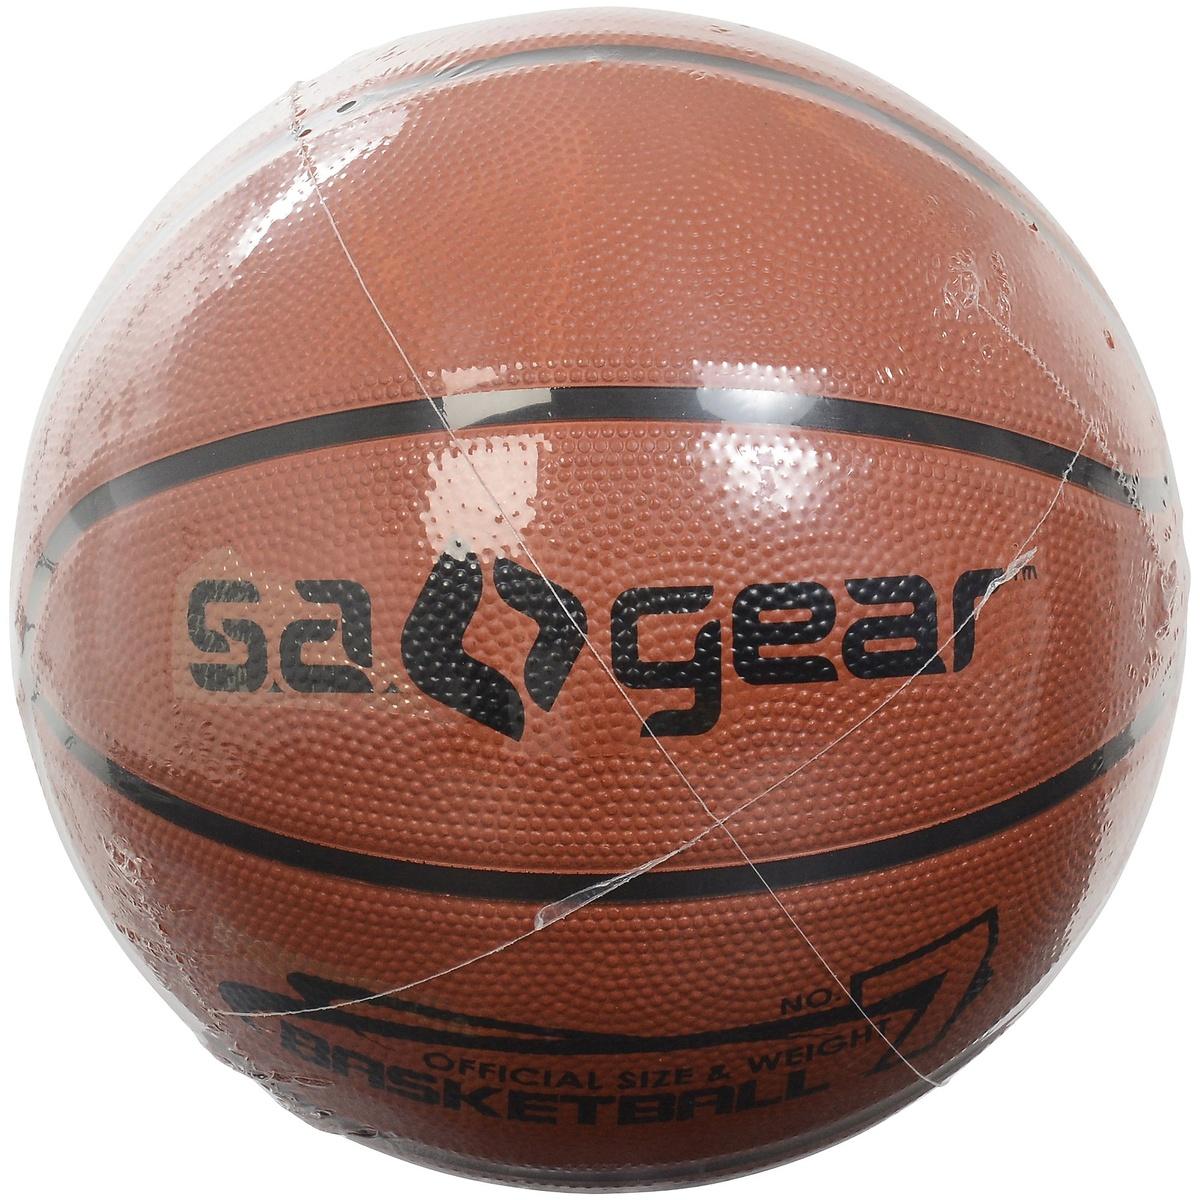 エスエーギア スポーツ 店舗 フィットネス バスケットボール ボール 7号ボール バスケットボールBRN 7ゴウ WEB限定 SA-Y19-003-044 s.a.gear ブラウン